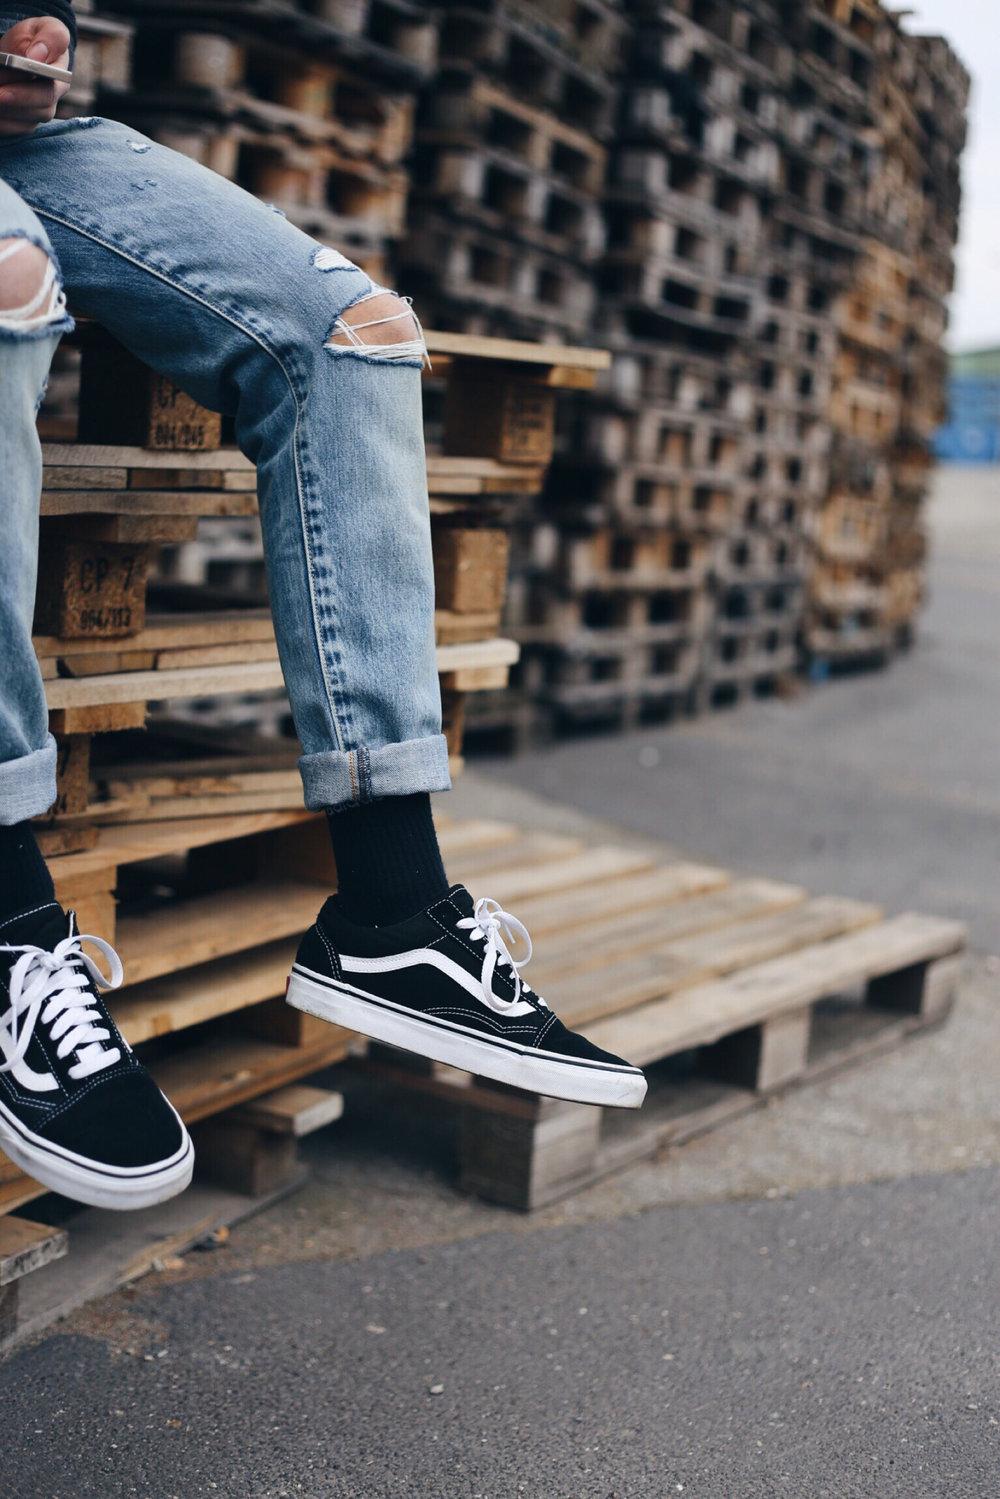 vans-old-skool-long-socks.jpg